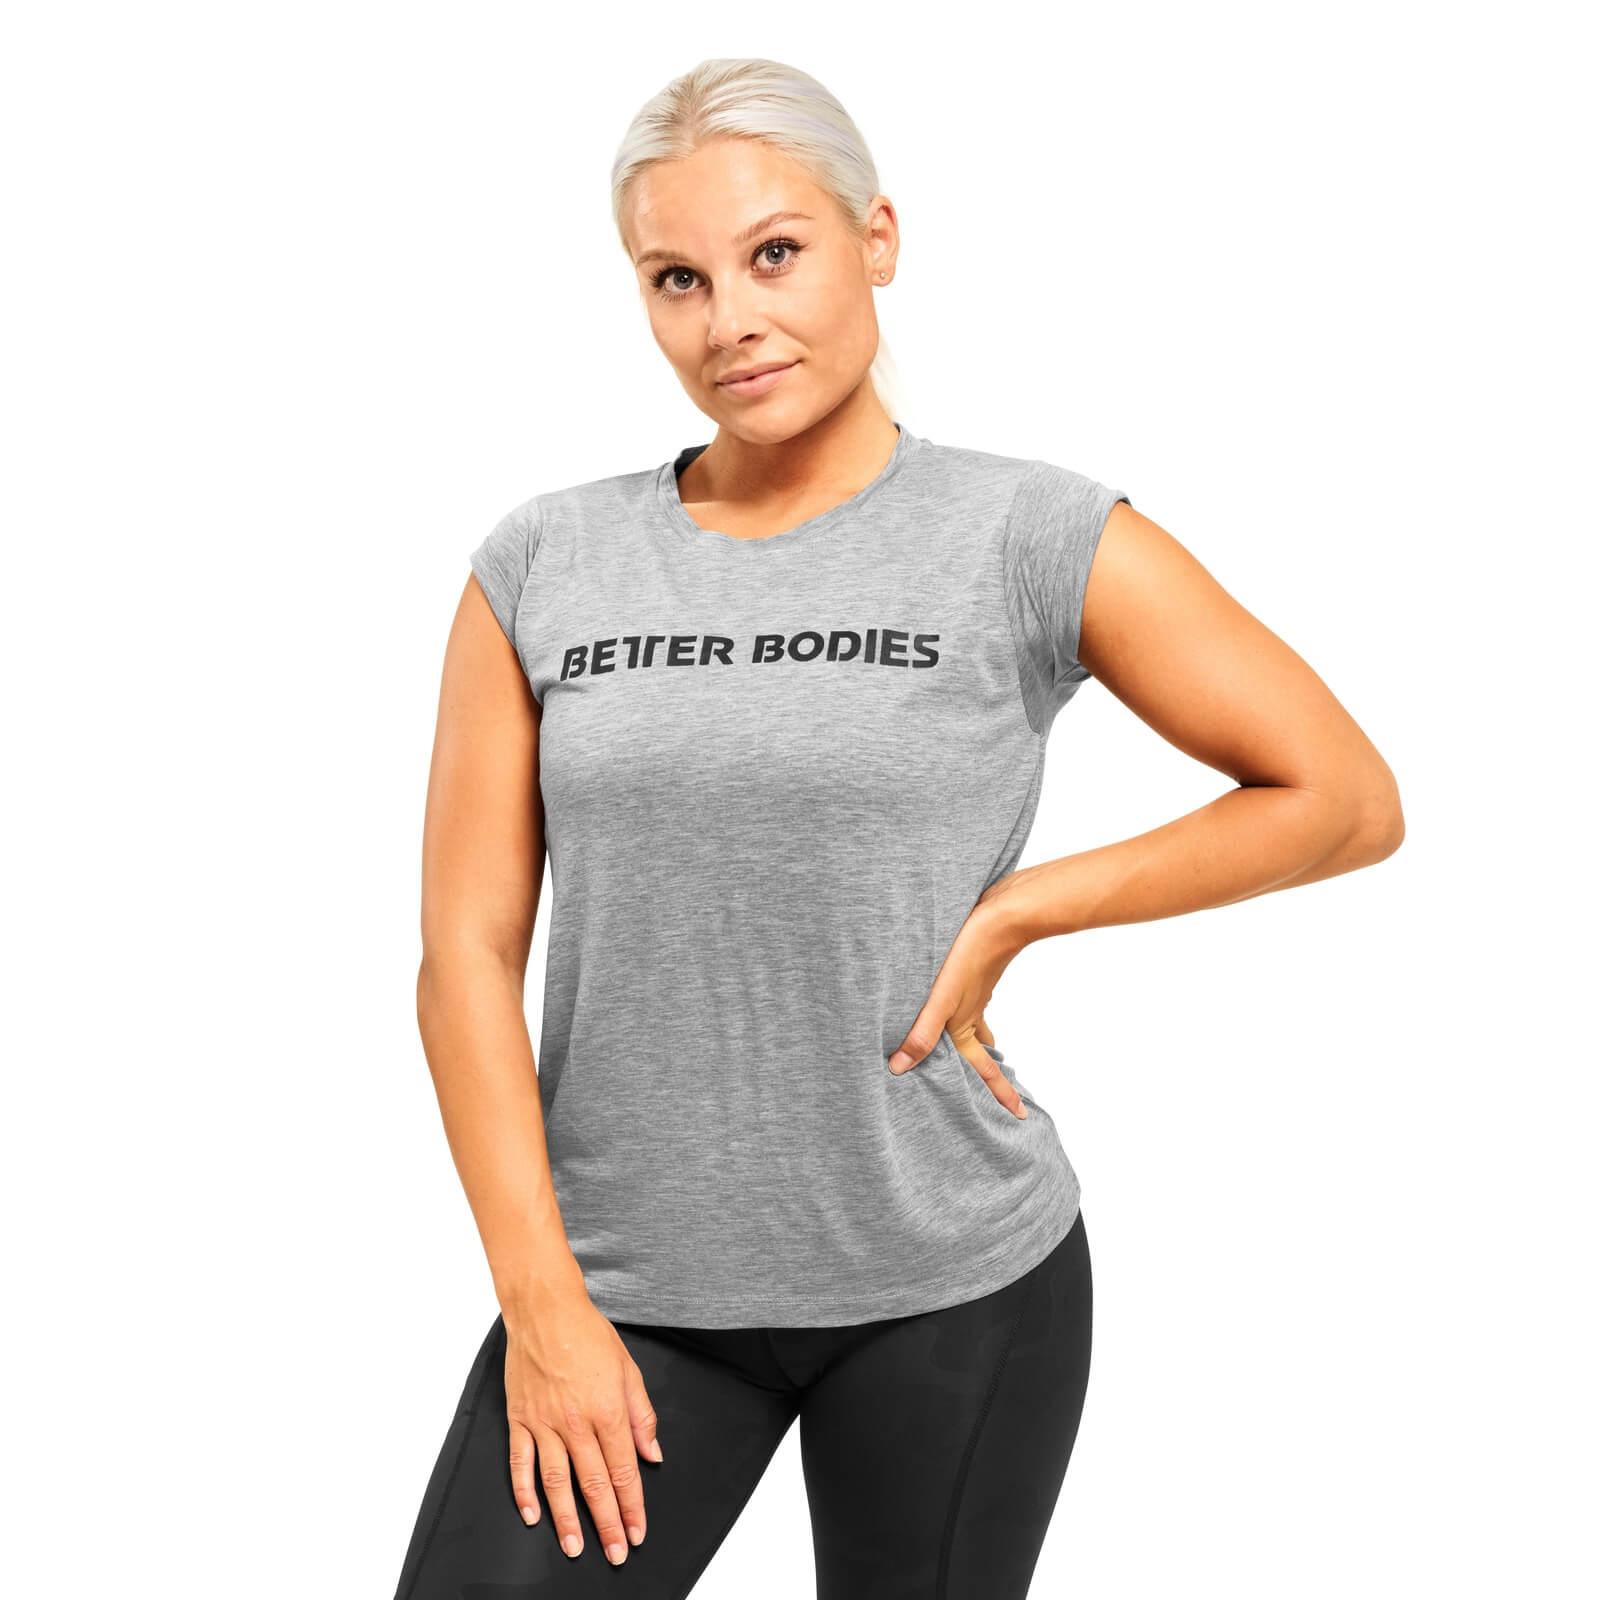 Kjøp Astoria Tee, grey melange, Better Bodies online hos